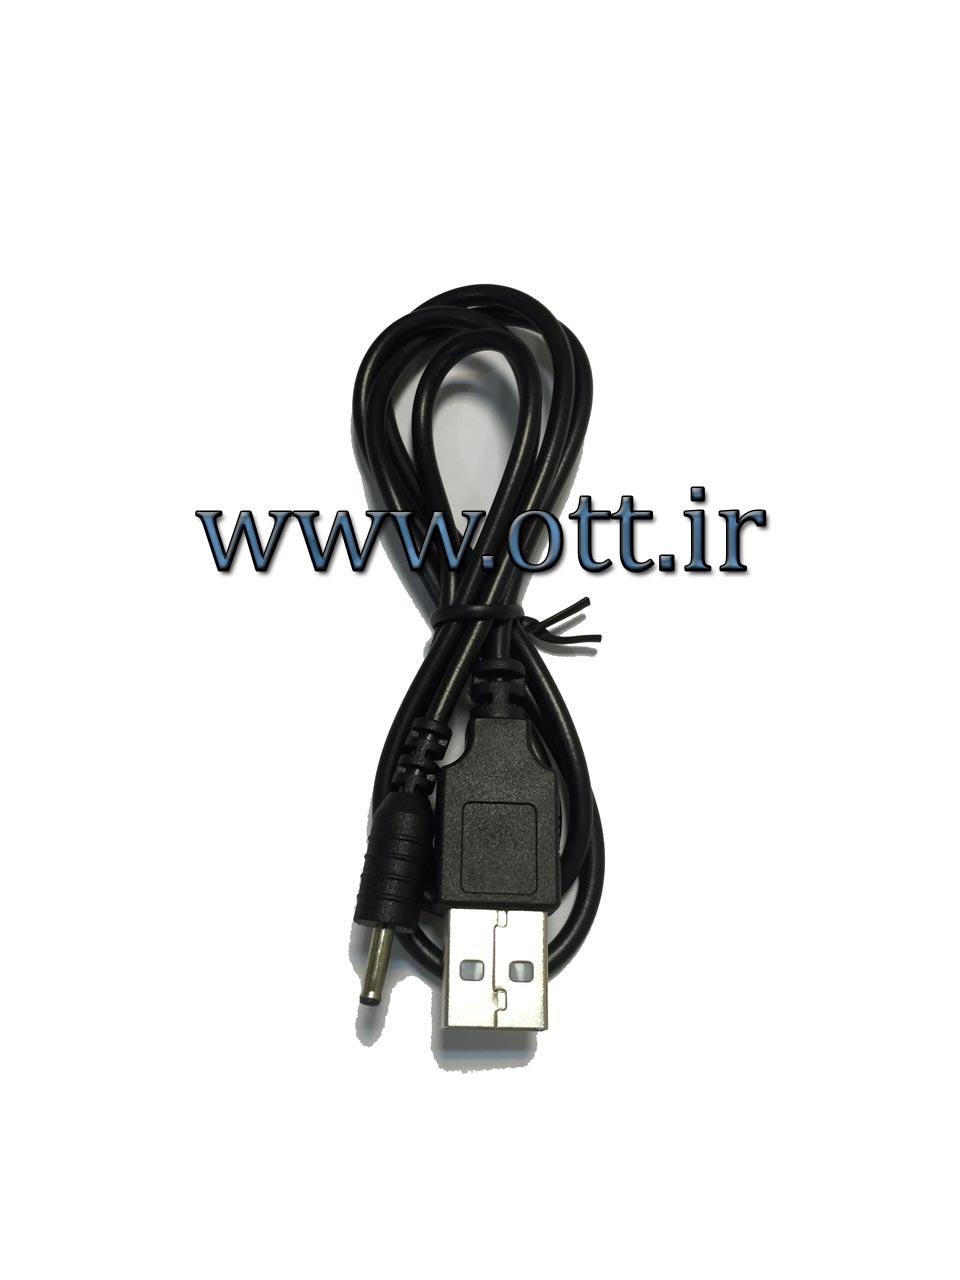 کابل USB بیسیم مجاز طیف TEAF TF 192 01 - بیسیم واکی تاکی مجاز طیف TEAF TF-192